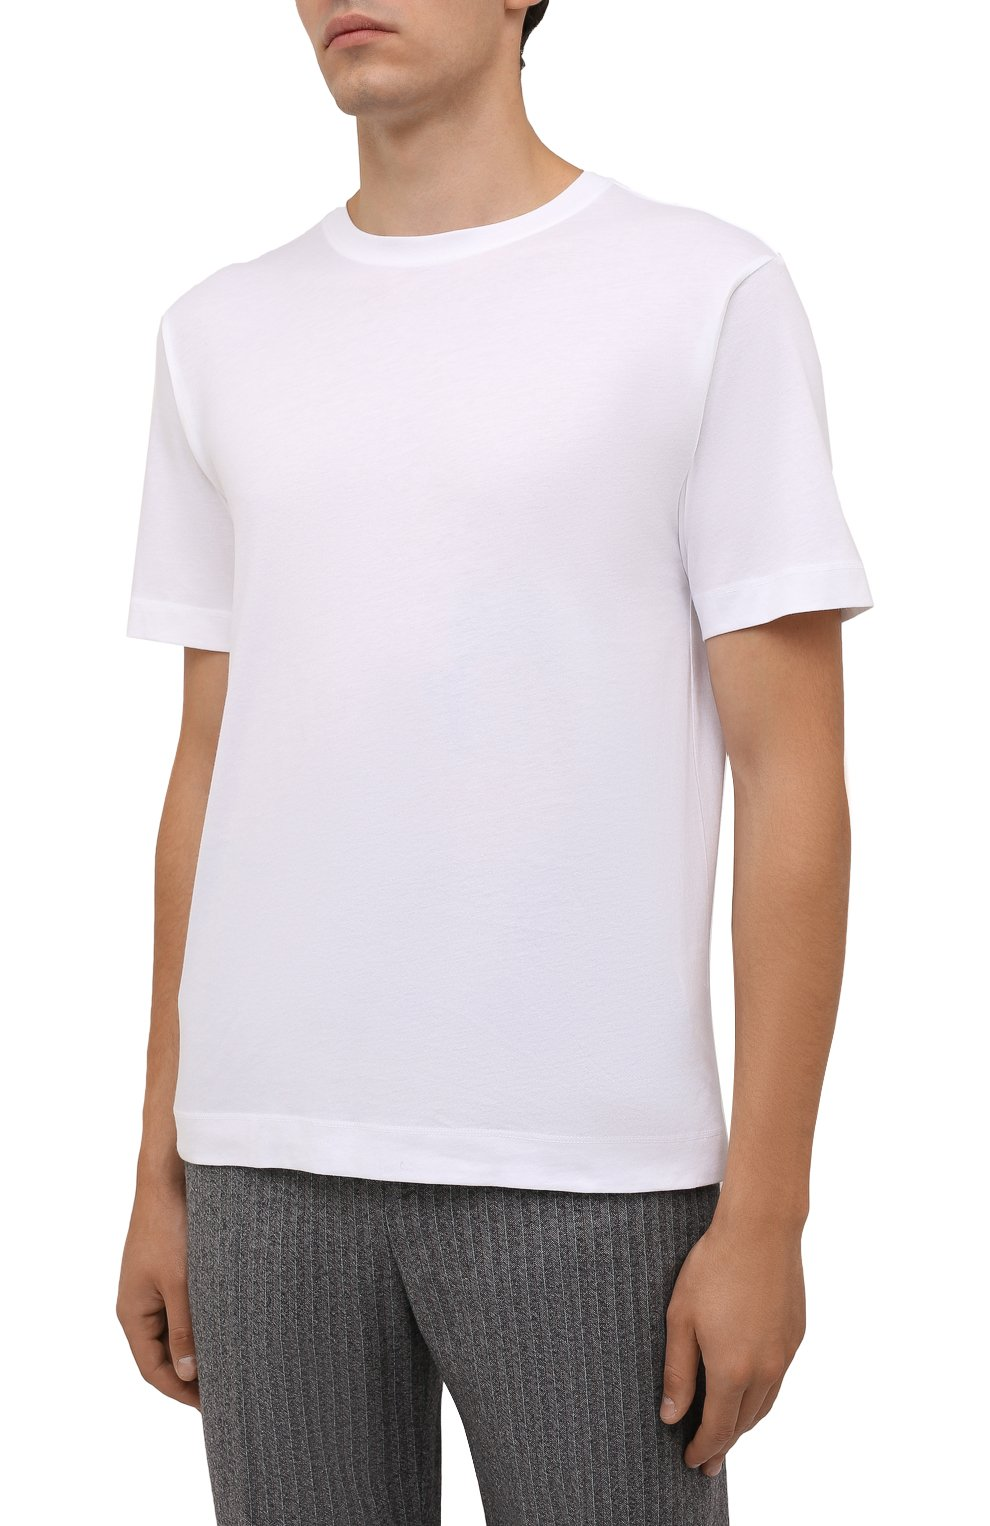 Мужская хлопковая футболка DRIES VAN NOTEN белого цвета, арт. 212-021194-3600 | Фото 3 (Принт: Без принта; Рукава: Короткие; Длина (для топов): Стандартные; Материал внешний: Хлопок; Стили: Кэжуэл)